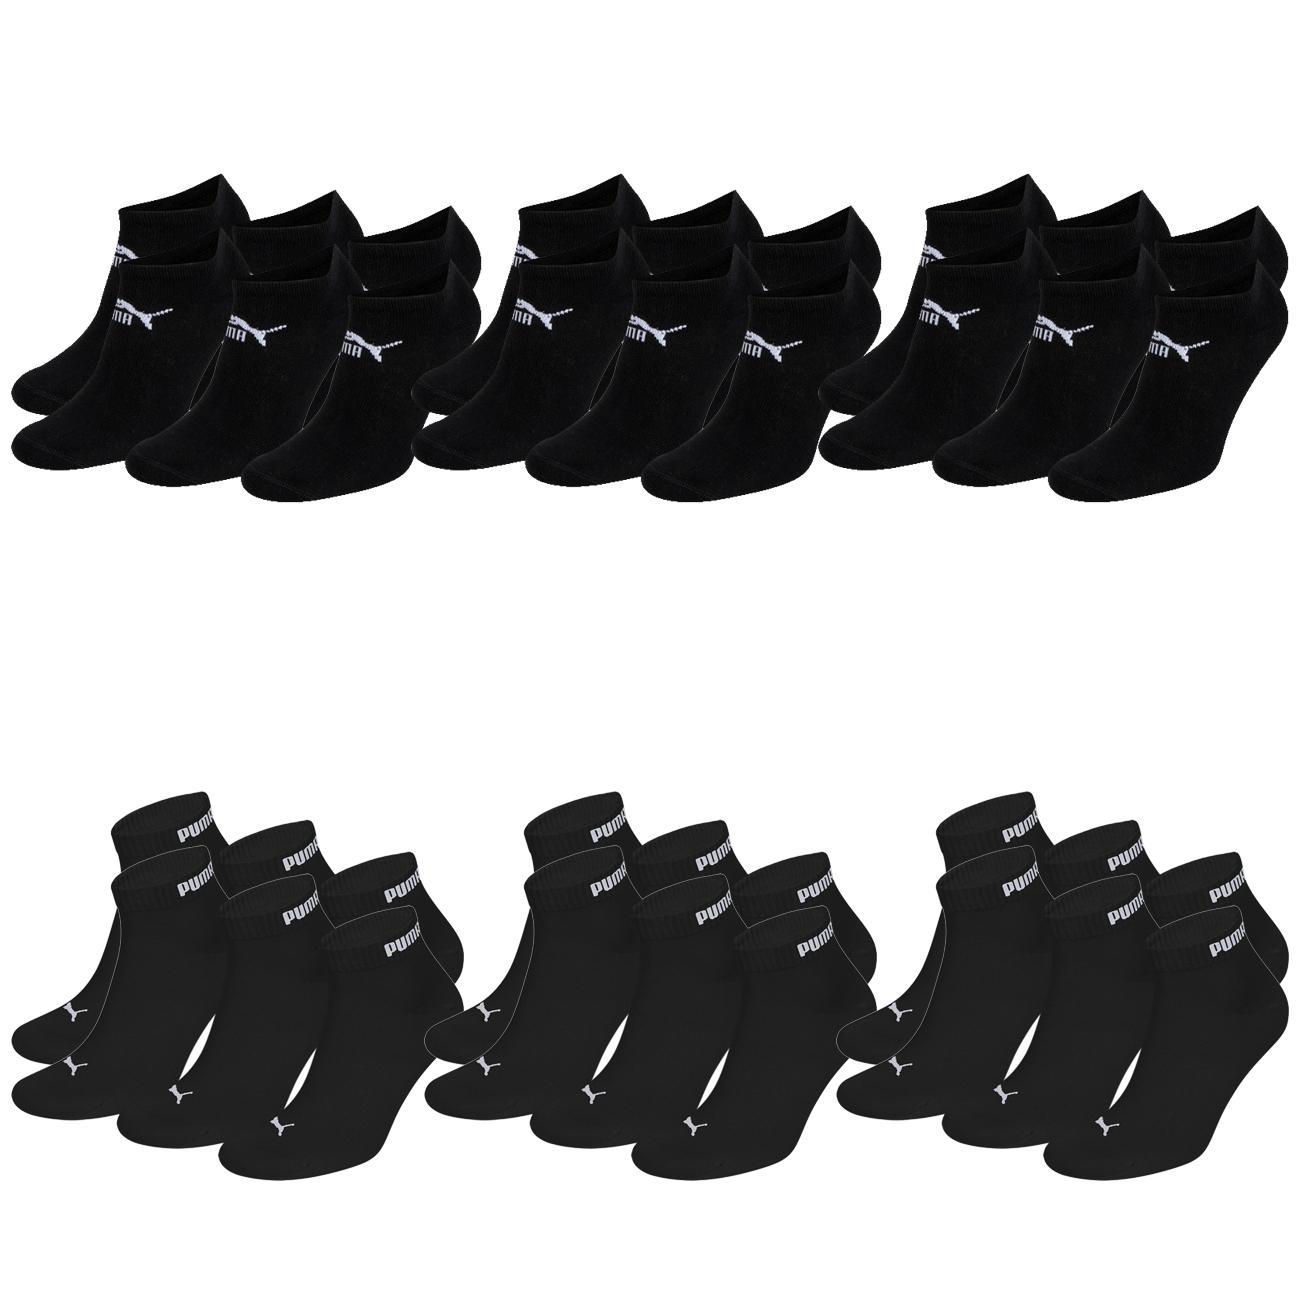 18 Paar Socken: 9 Paar Puma Quarter Clyde Sport + 9 Paar Puma Sneaker Clyde Socken (1,67€ pro Paar)